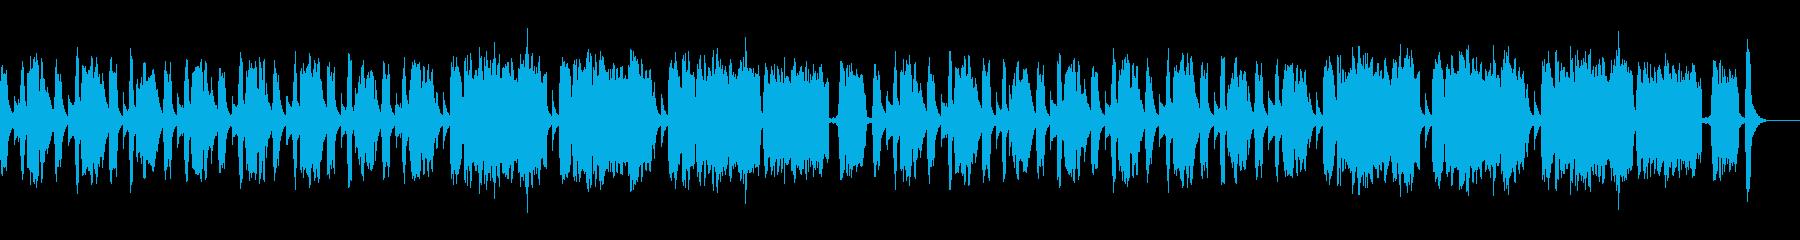 ほのぼのかわいいカリンバ/ピアニカ/木琴の再生済みの波形